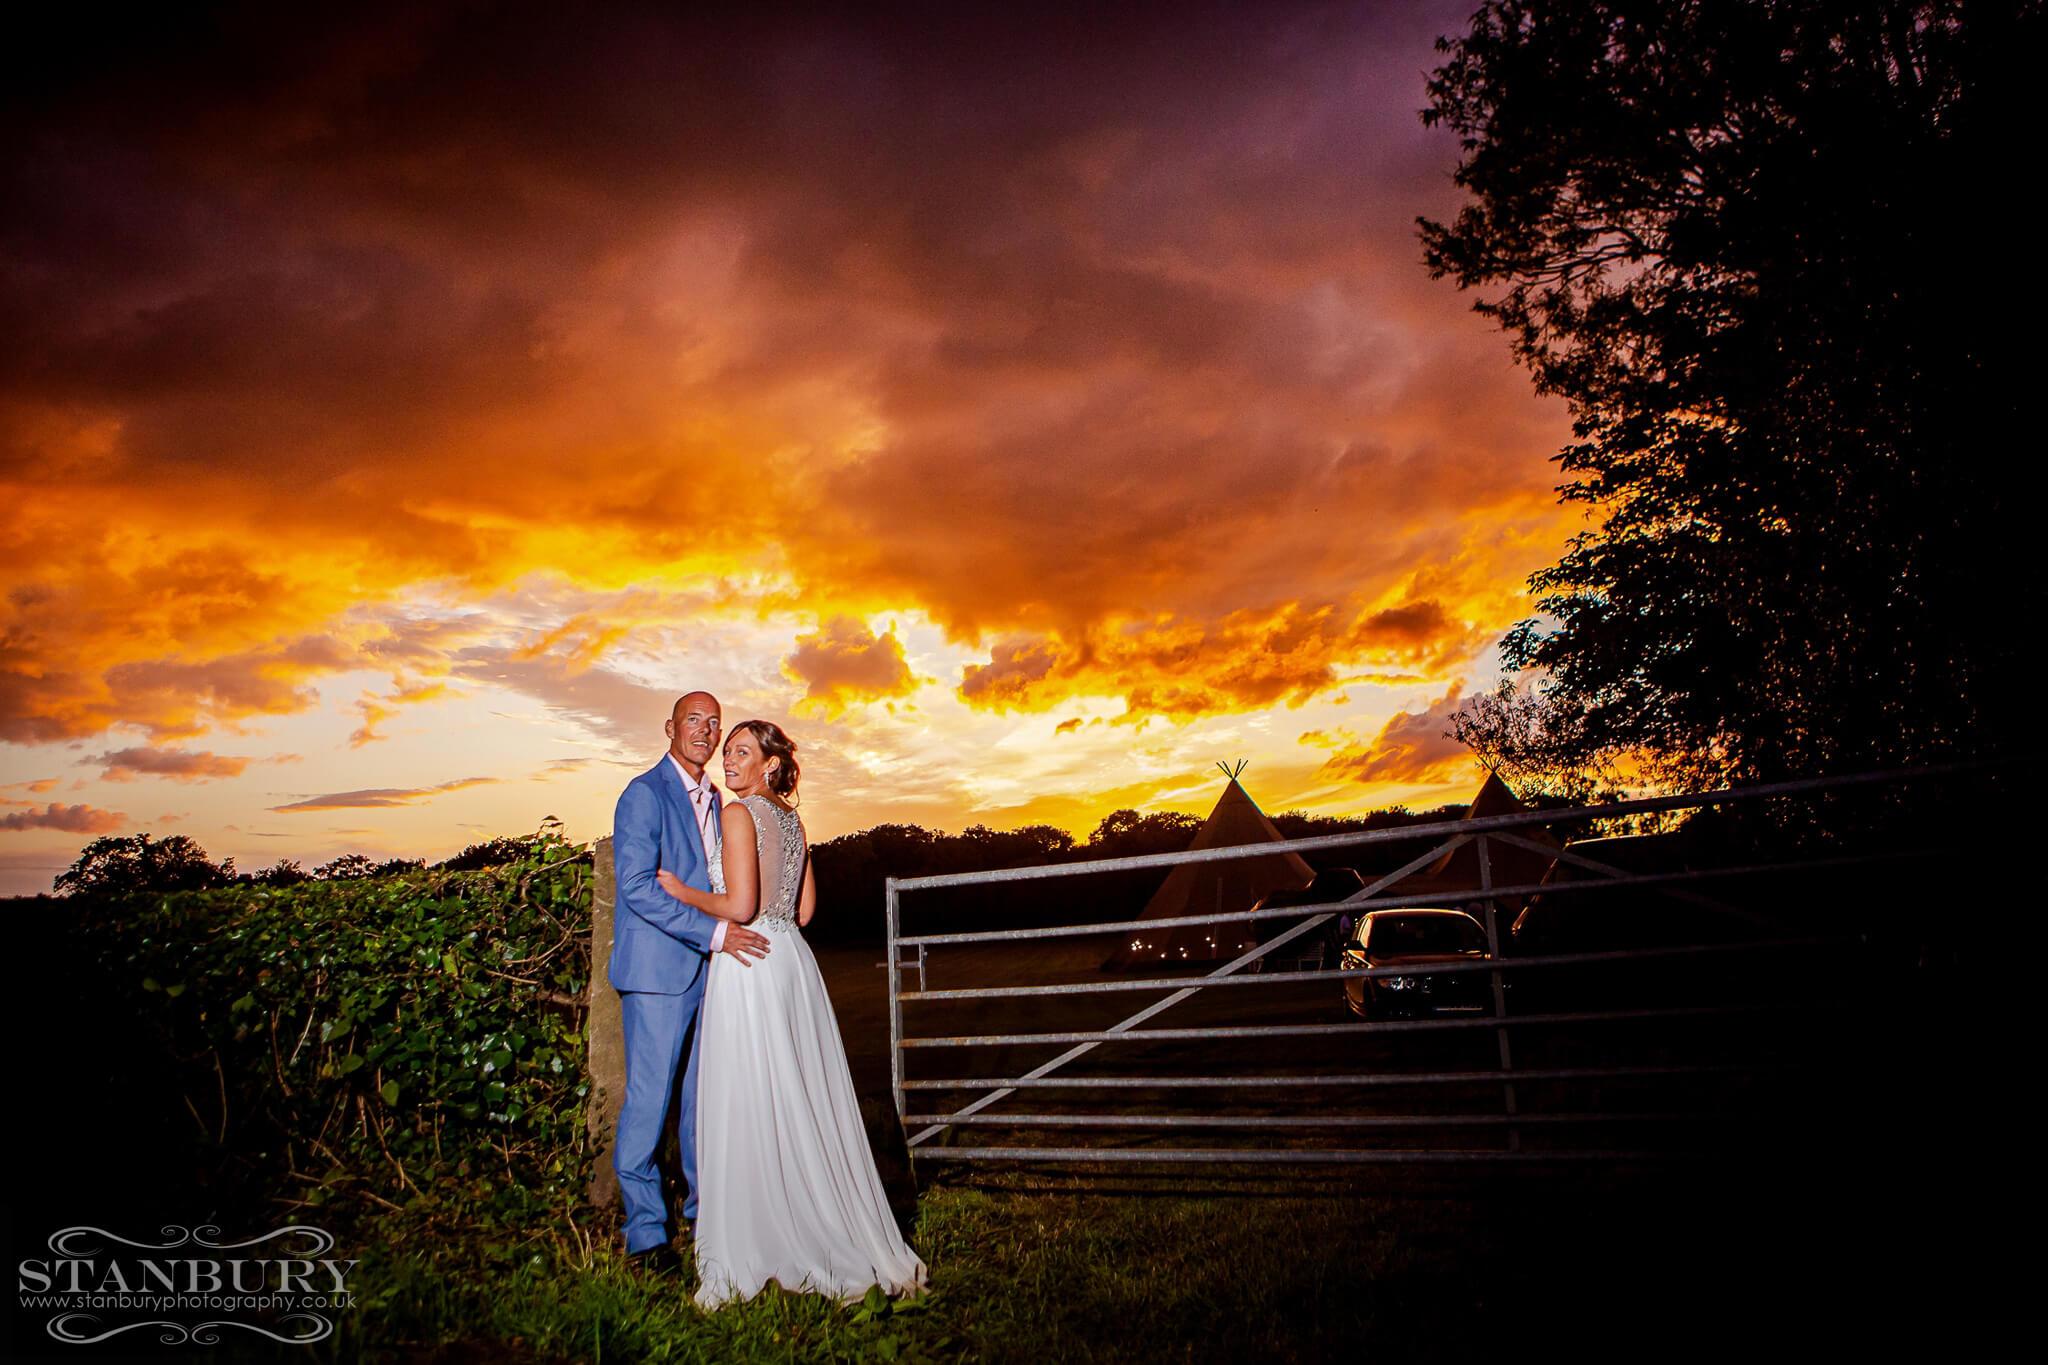 sunset-wedding-photographers-lancashire-stanbury-photography